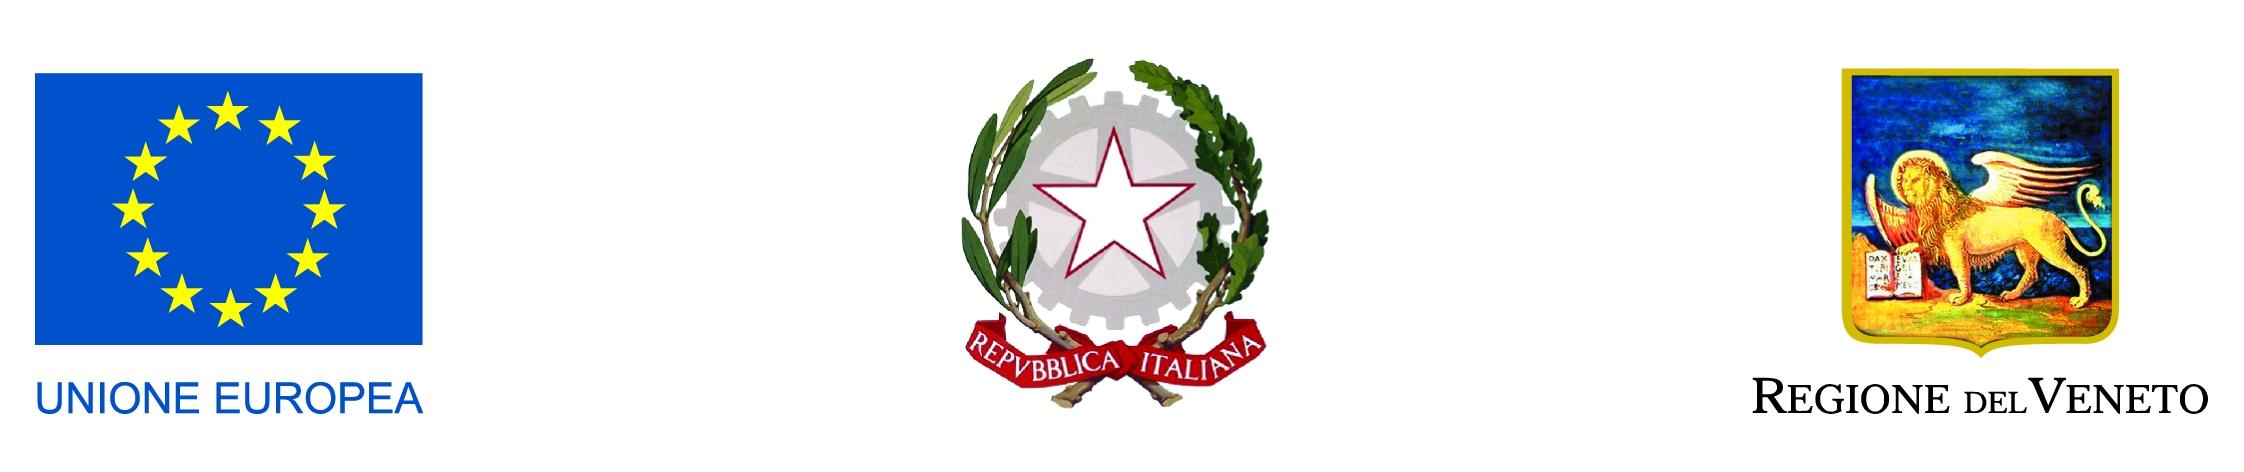 Loghi: Unione Europea, Repubblica Italiana e Regione del Veneto